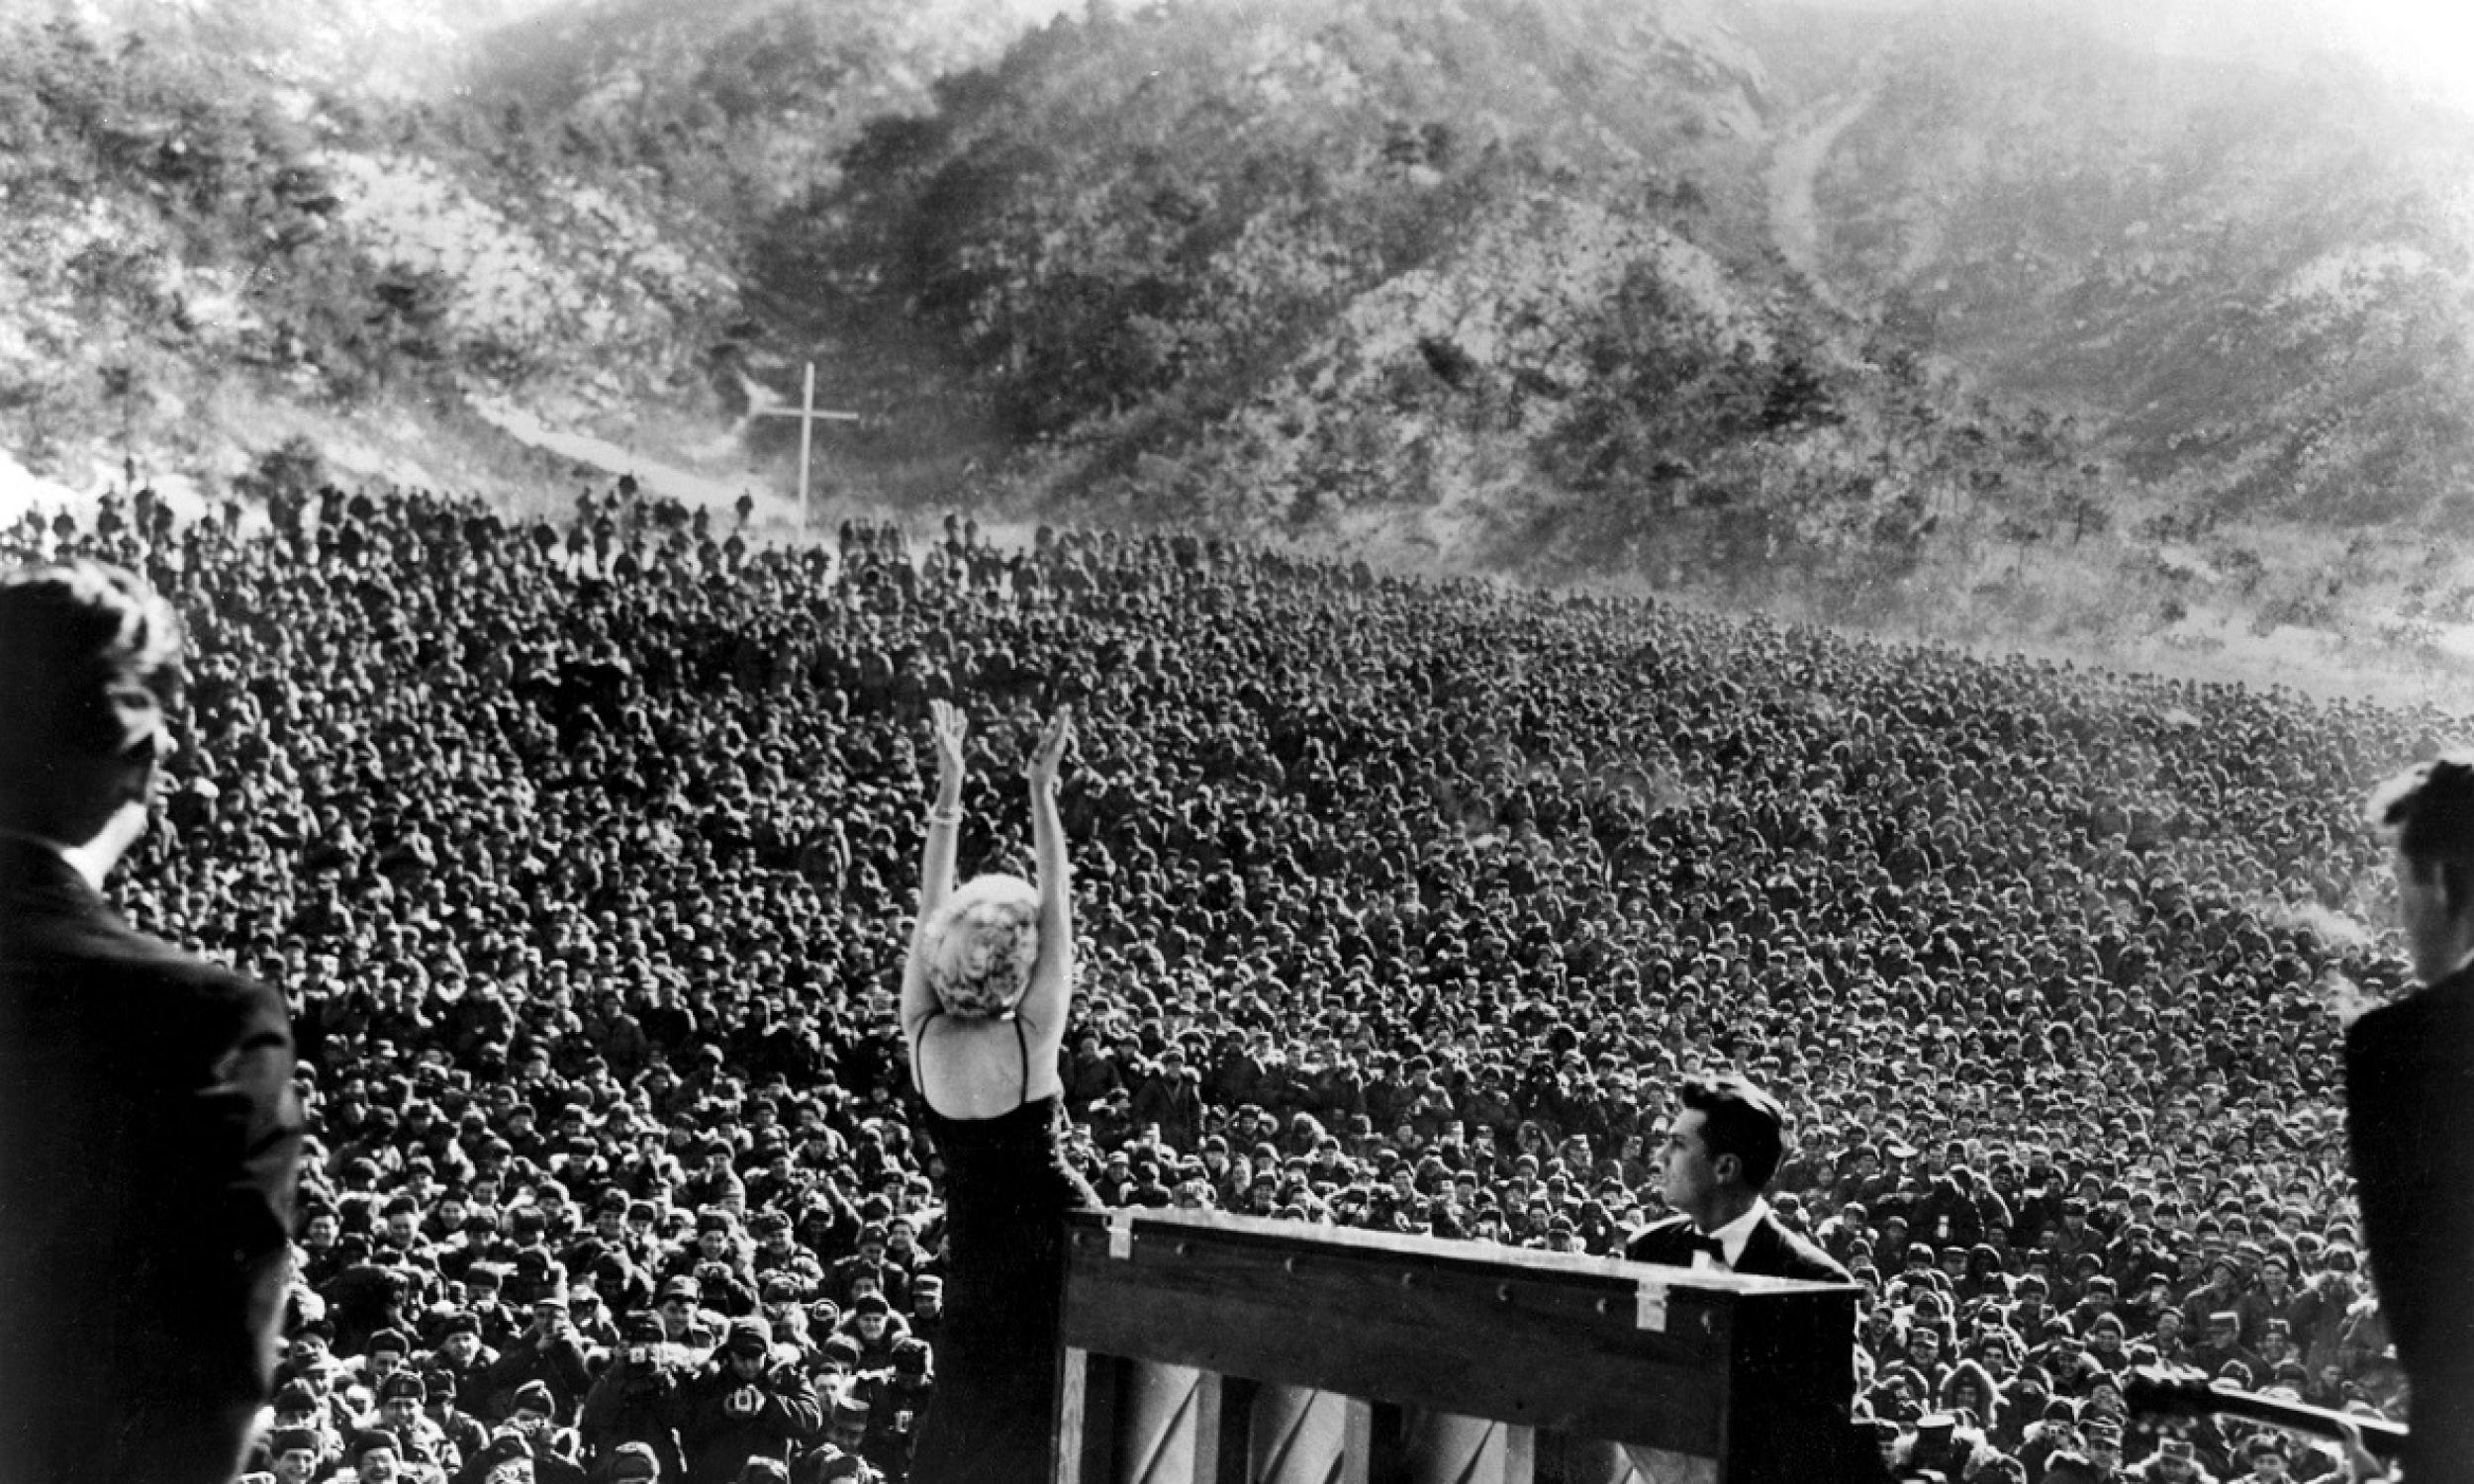 Marilyn Monroe podczas koncertu dla żołnierzy  amerykańskich w Korei w 1954 r. Ref: B196_095082_4822. Źródło: STARSTOCK / Photoshot Fot.: PAP / Photoshot